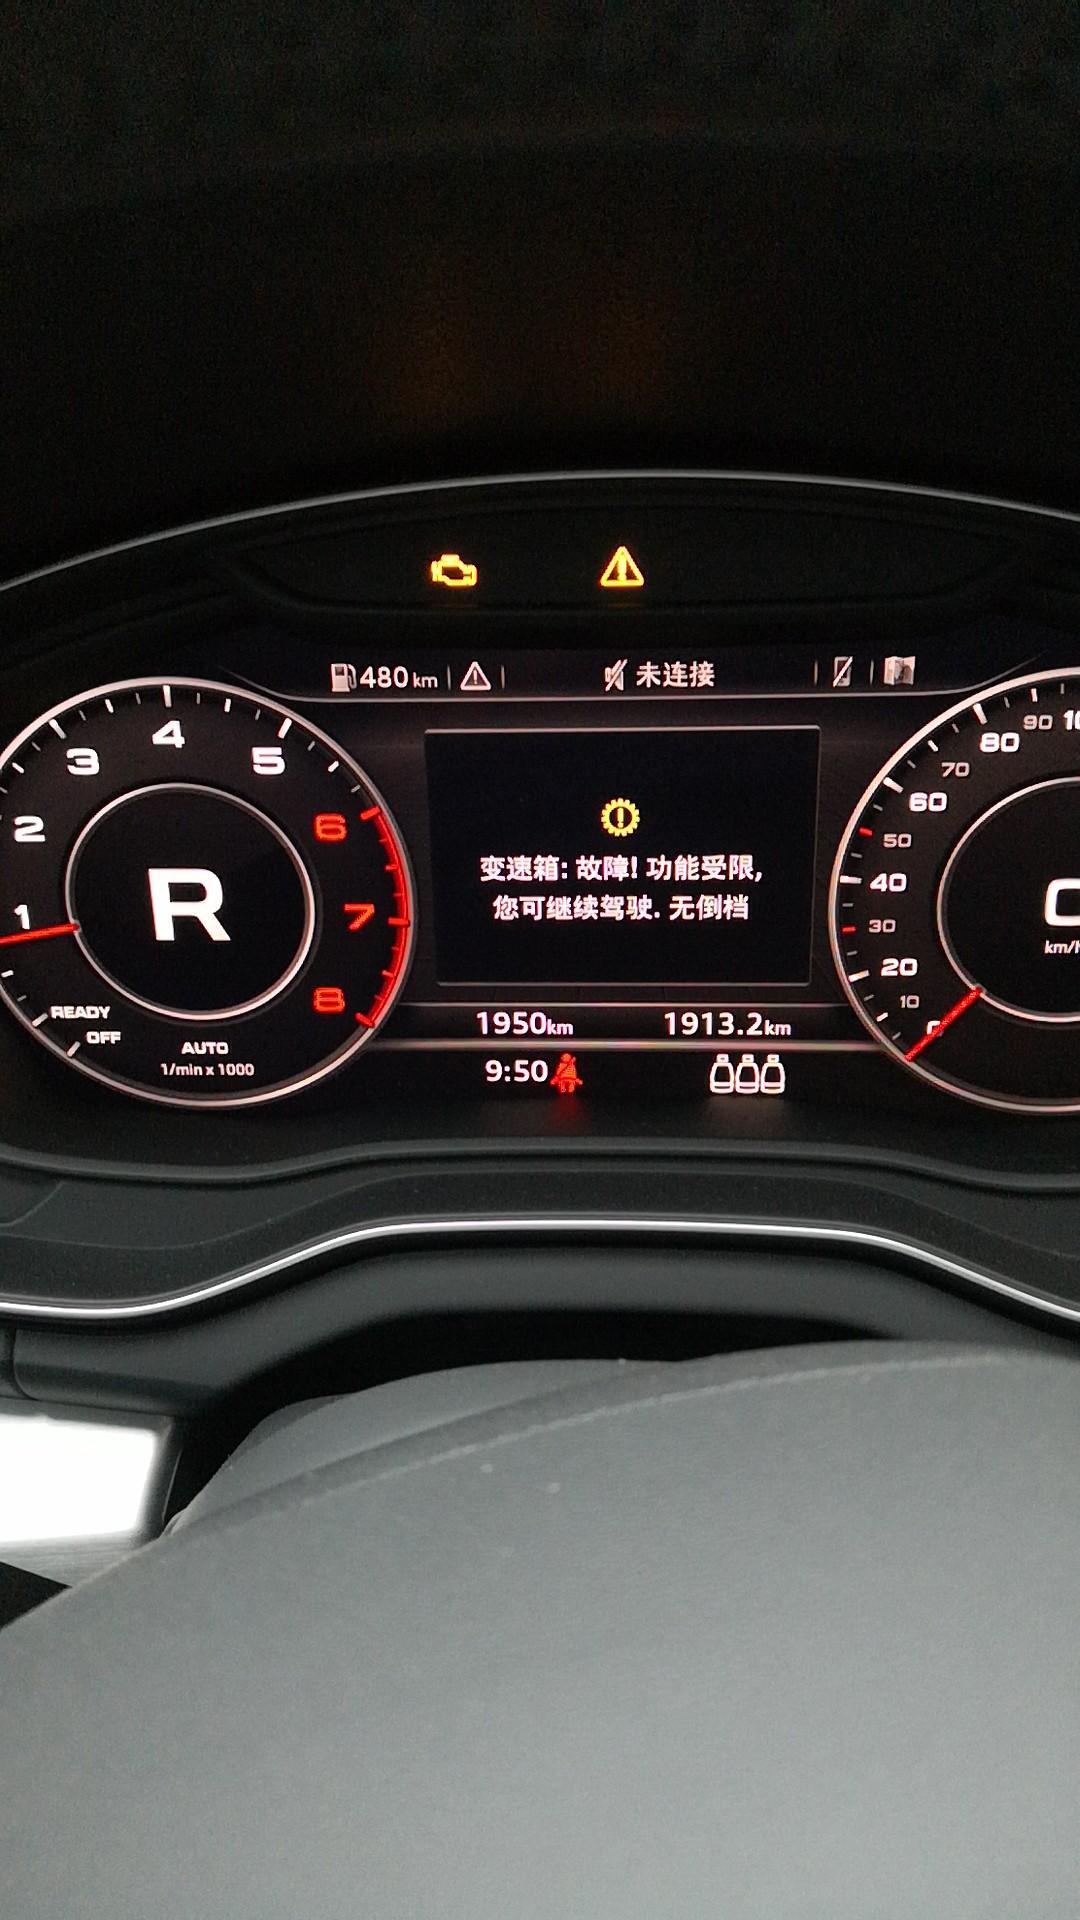 奥迪-奥迪Q5L 新车行驶1900公里变速箱出现故障,无倒档,无法行驶